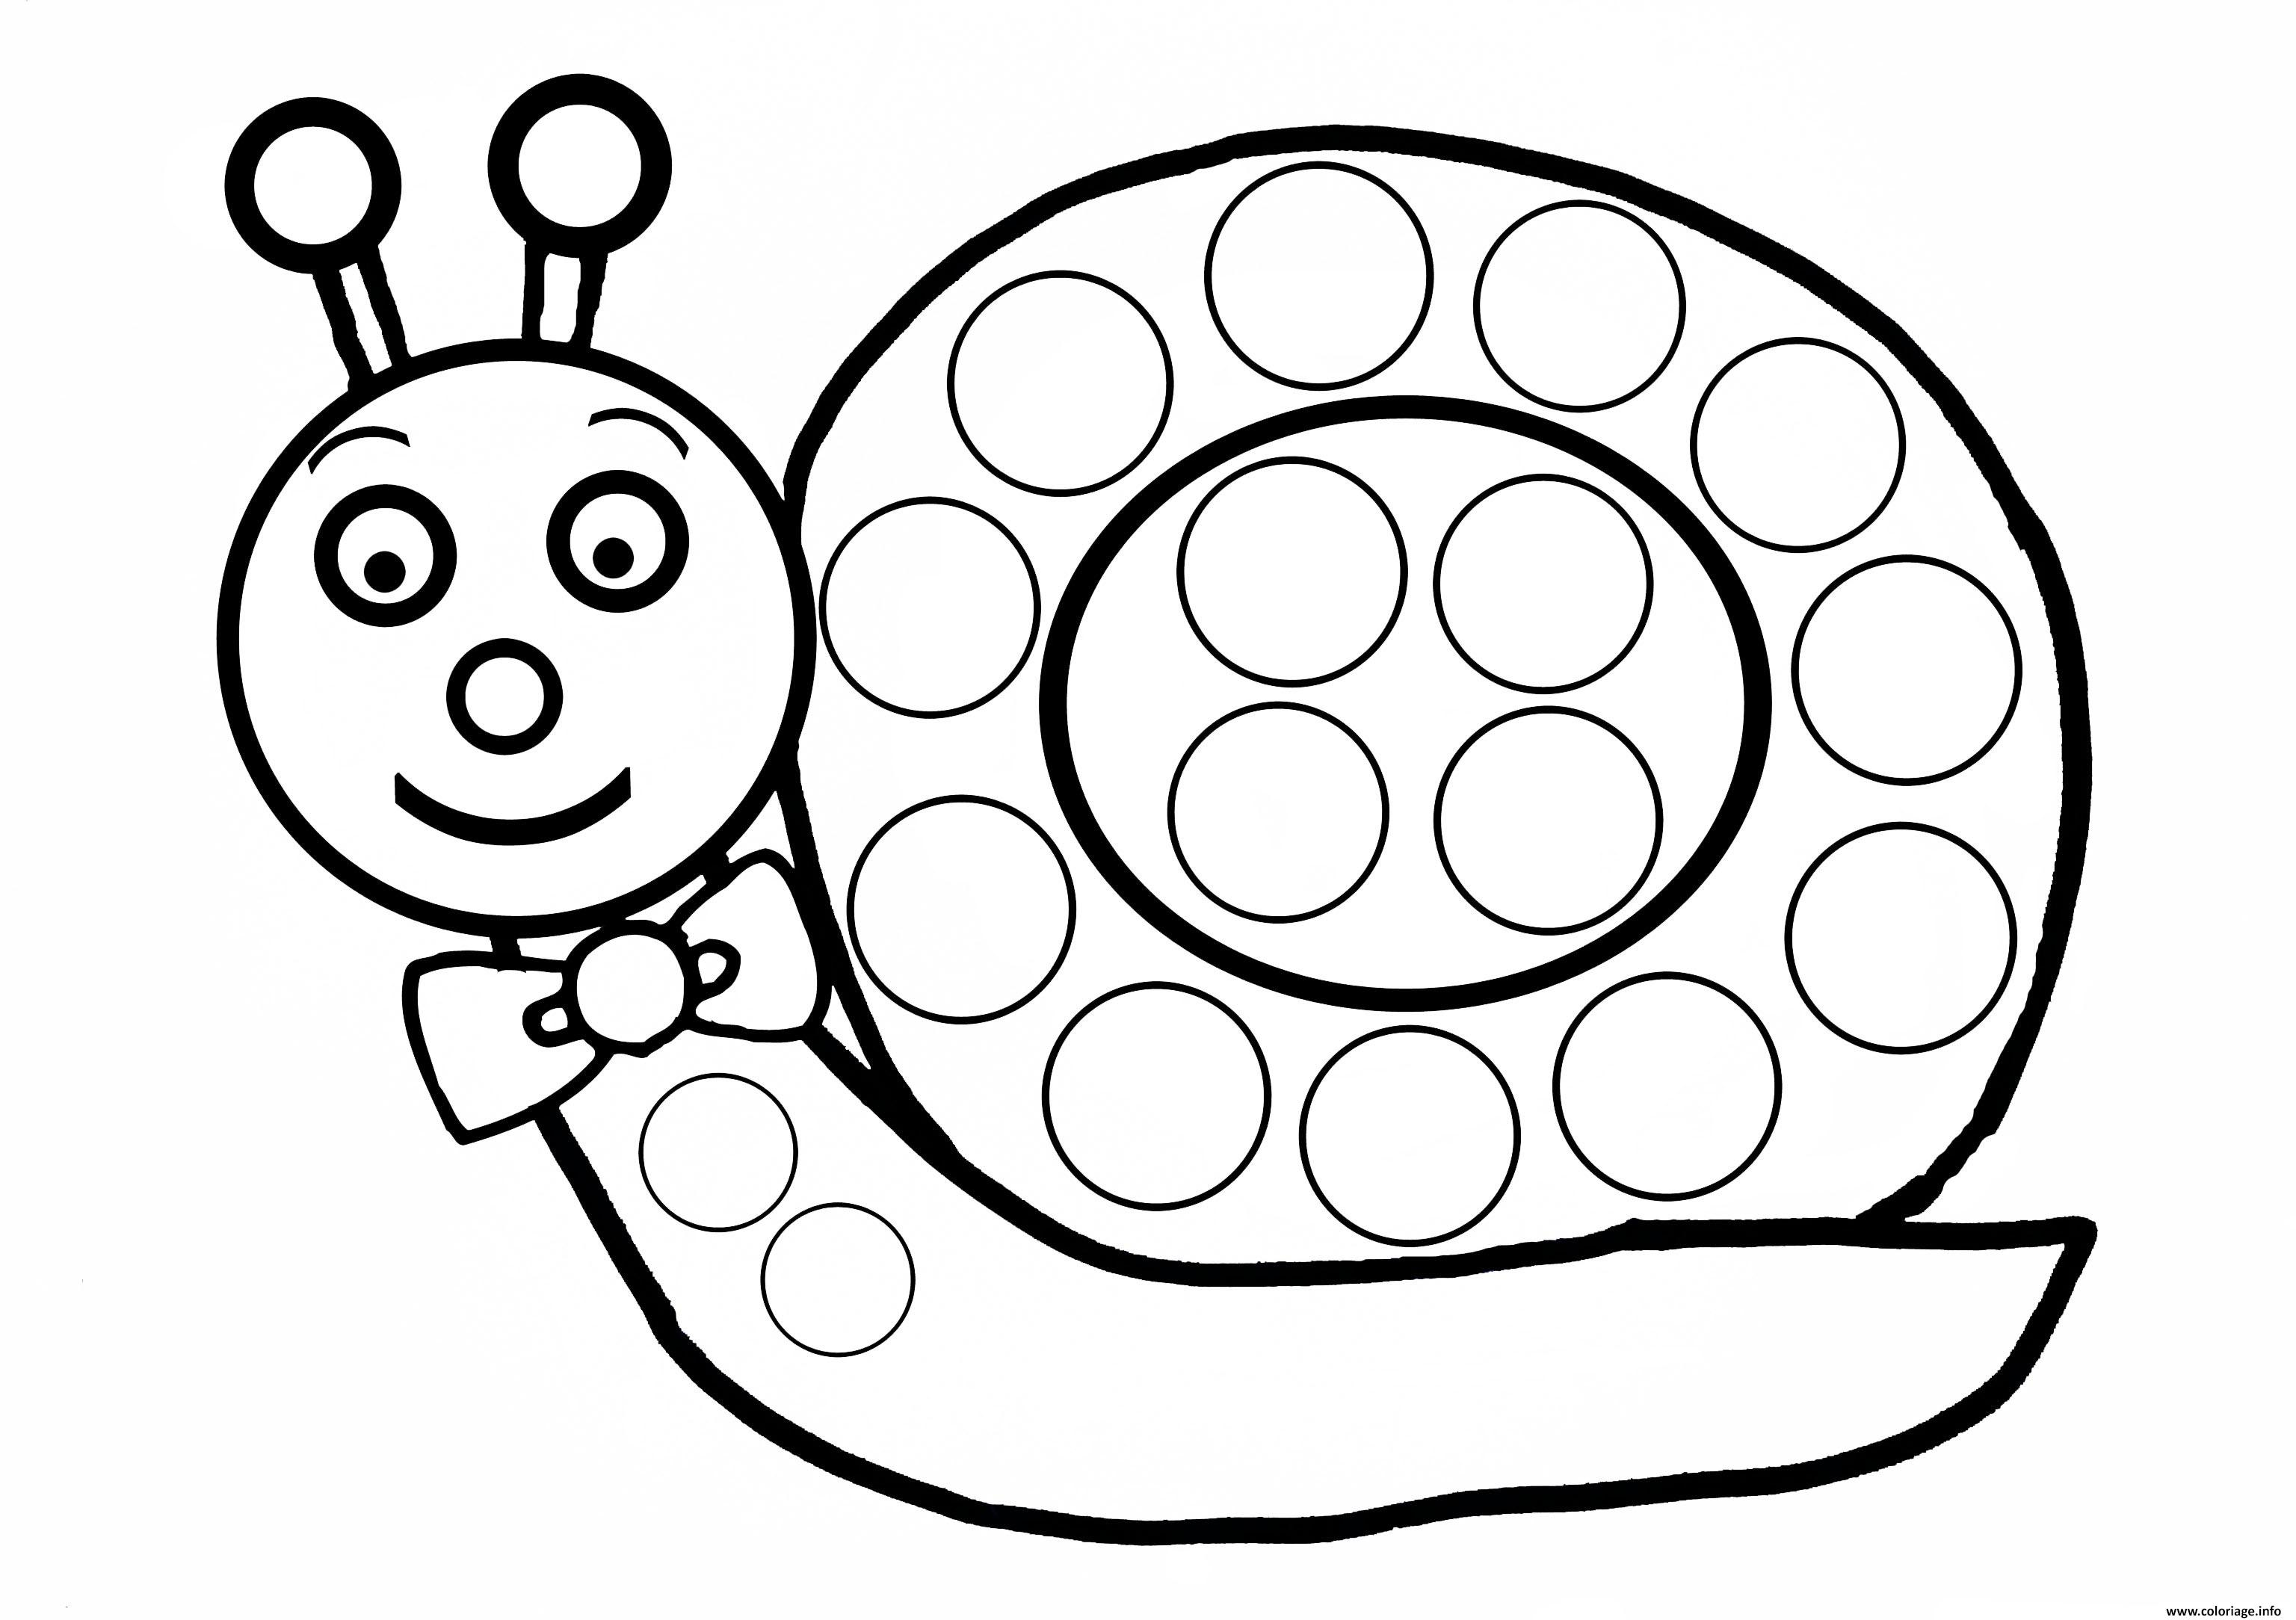 Coloriage Gommette Gratuit A Imprimer.Coloriage Escargot A Gommette Enfant Dessin